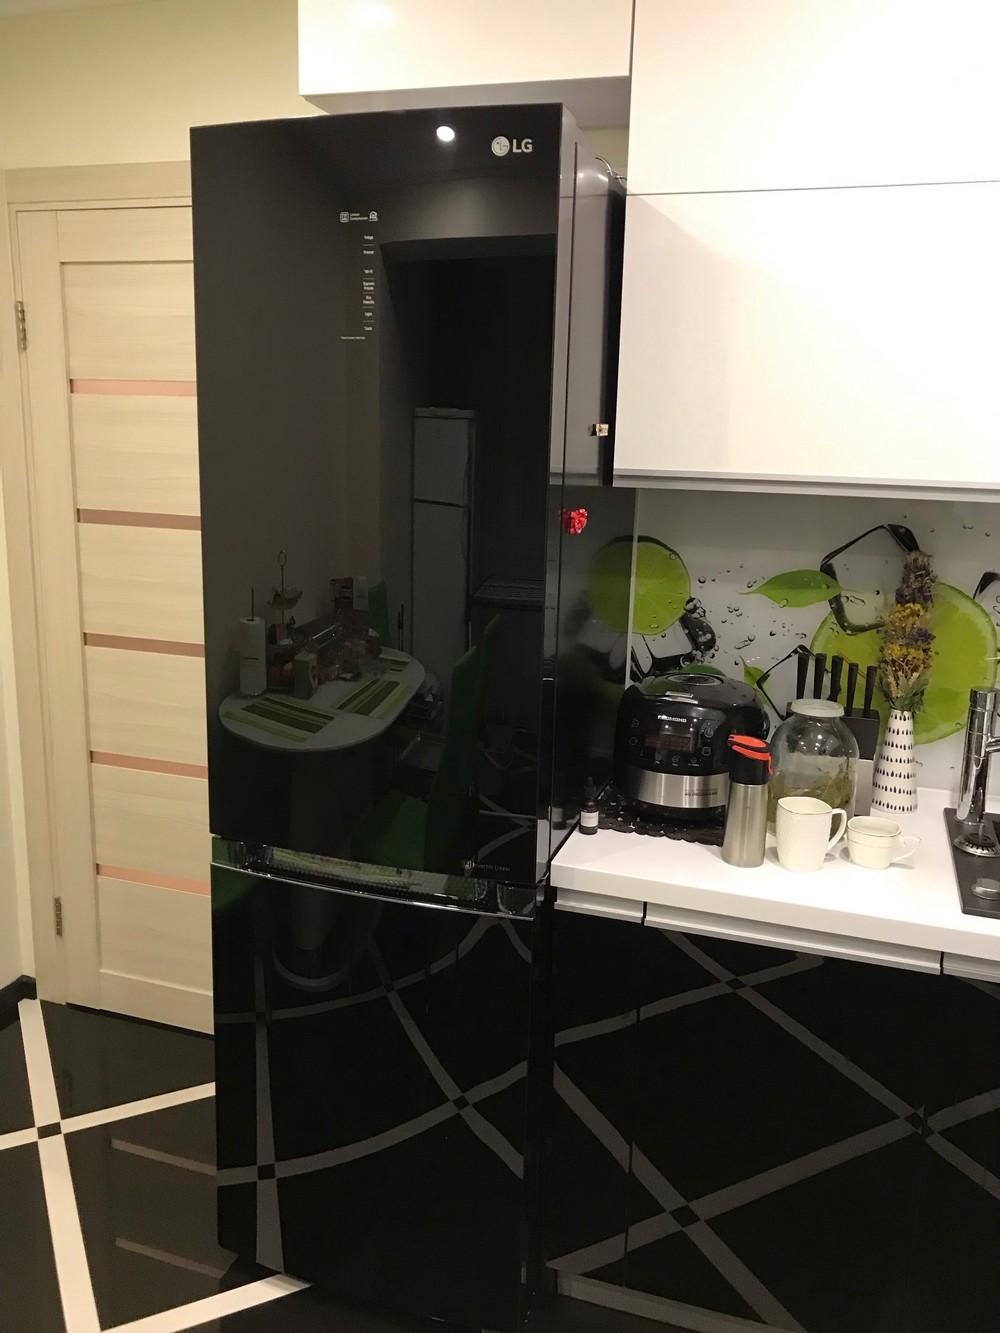 Очень важно, чтобы холодильник хорошо вписывался в общий интерьер кухни